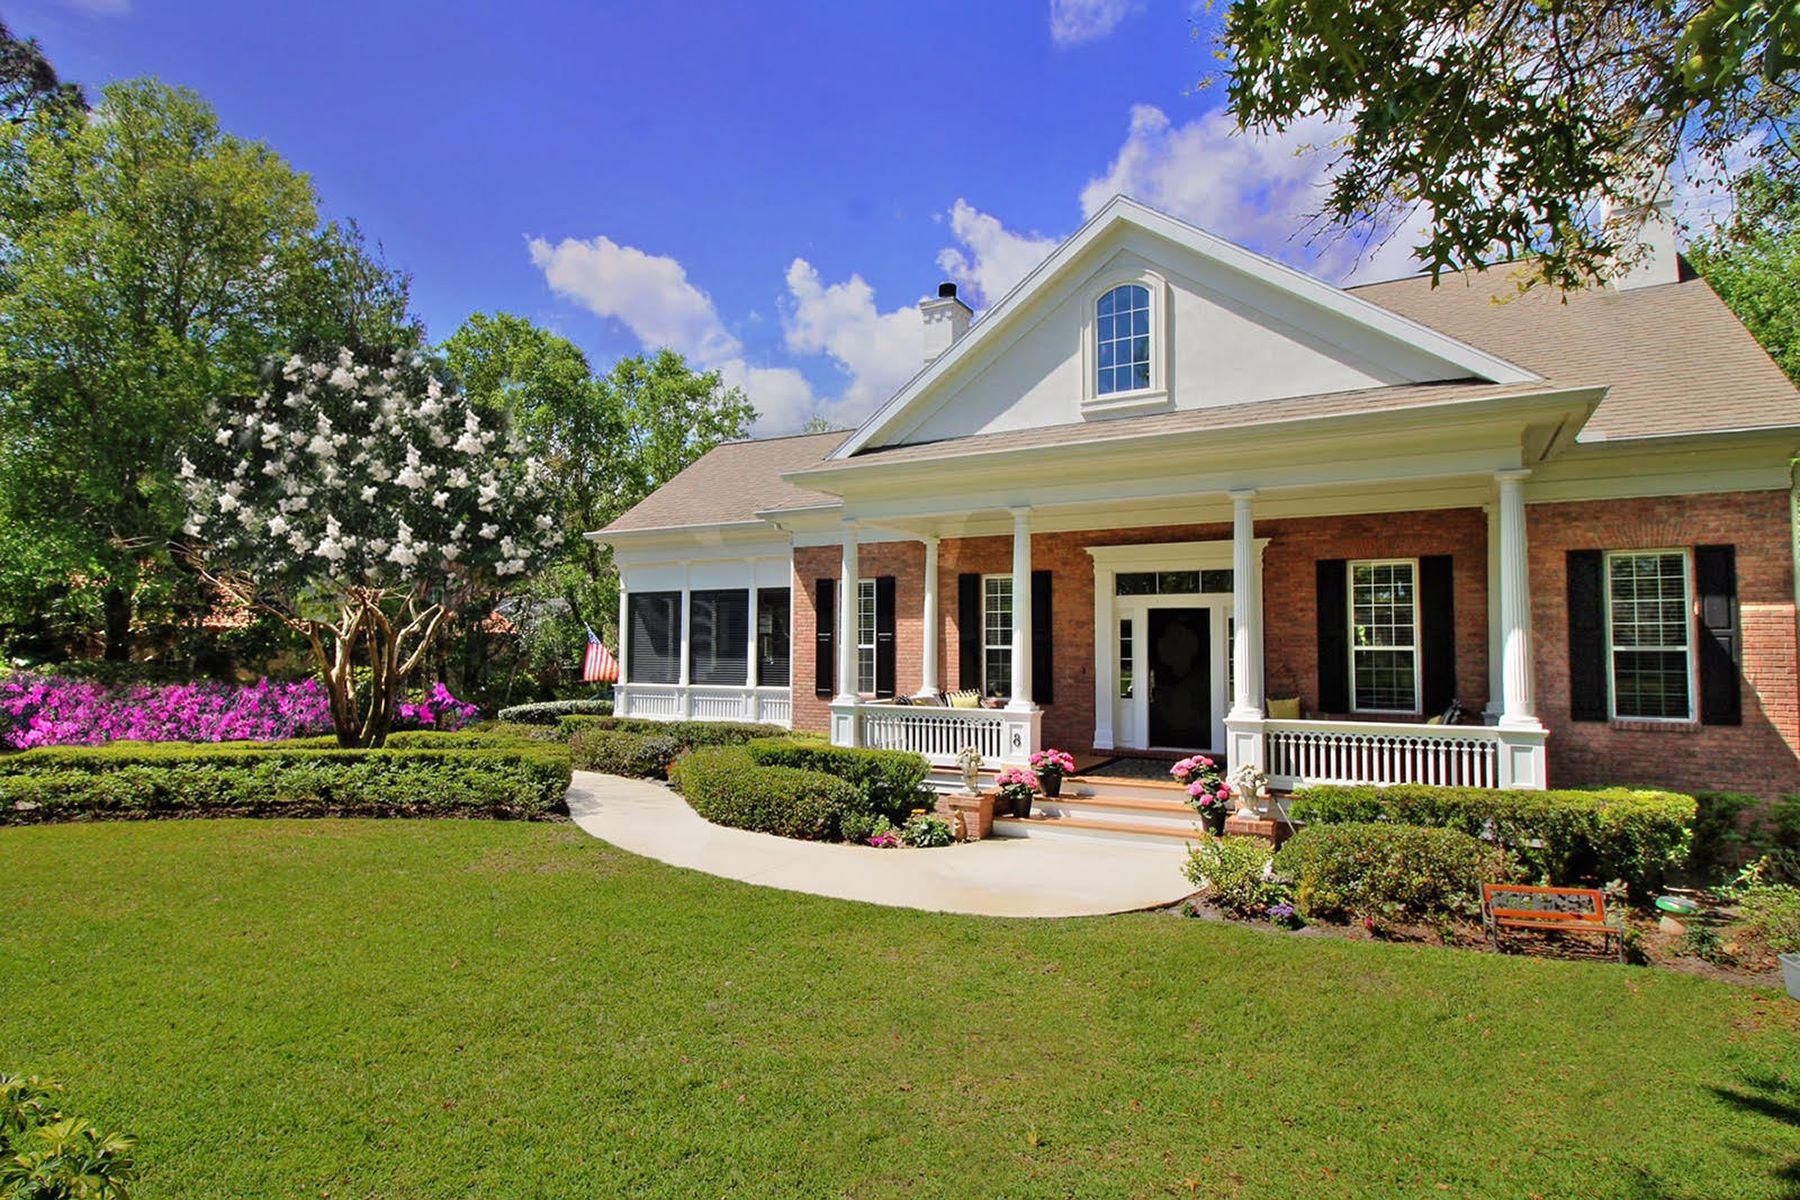 Casa para uma família para Venda às NORTH ORLANDO - ORMOND BEACH 8 Broadwater Dr Ormond Beach, Florida, 32174 Estados Unidos